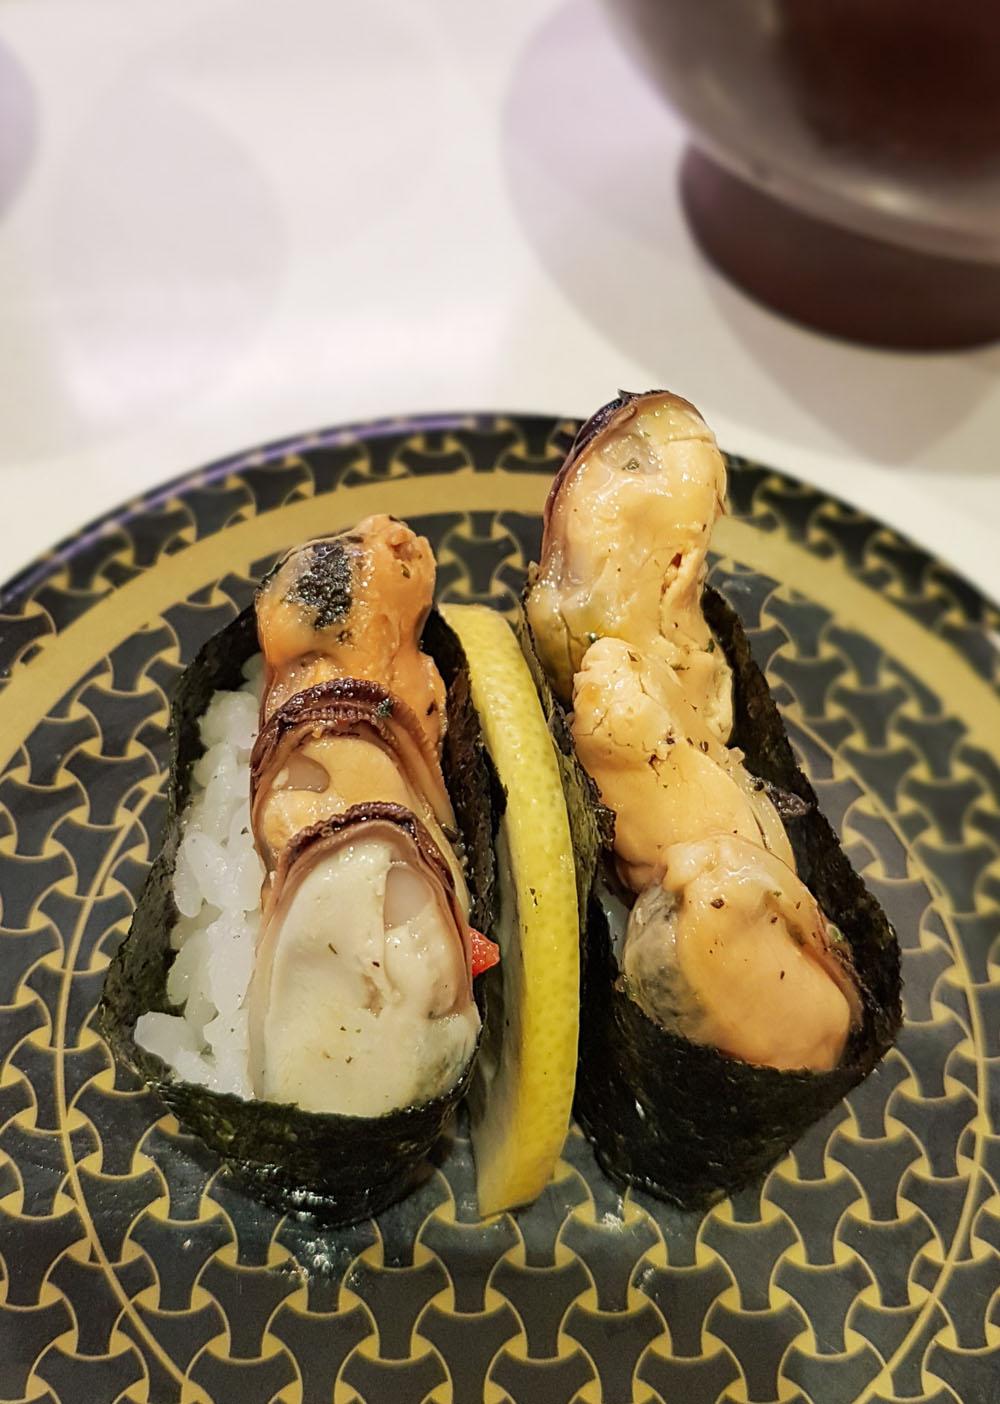 Hamazushi Nago Okinawa